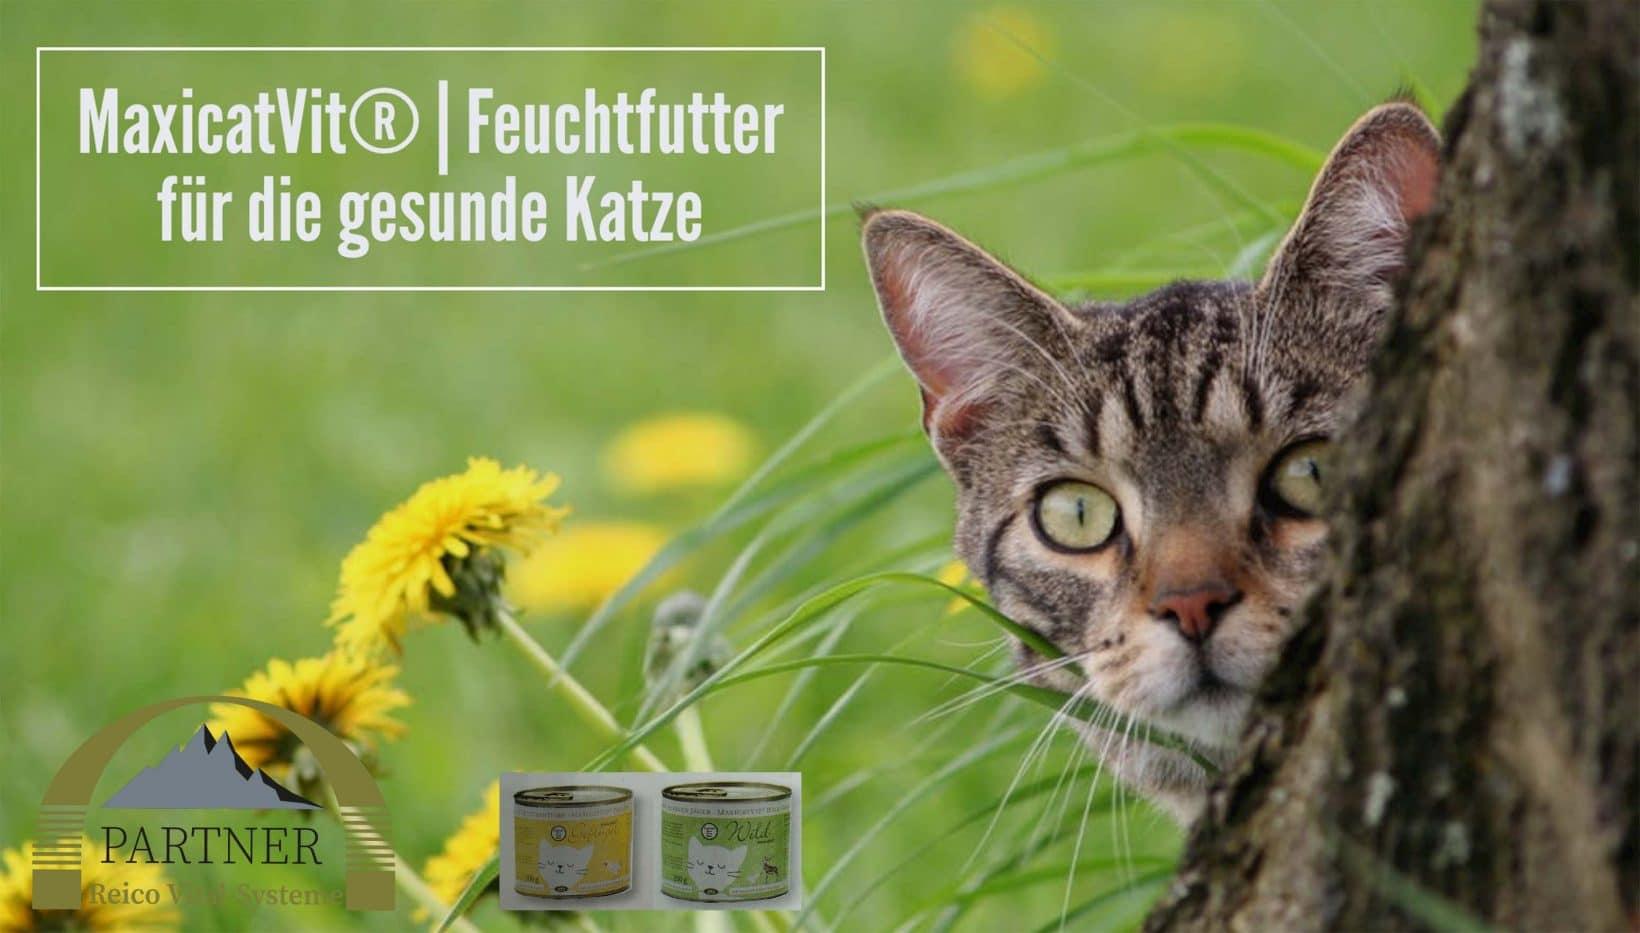 katzenfutter-von-reico-feuchtfutter-katze